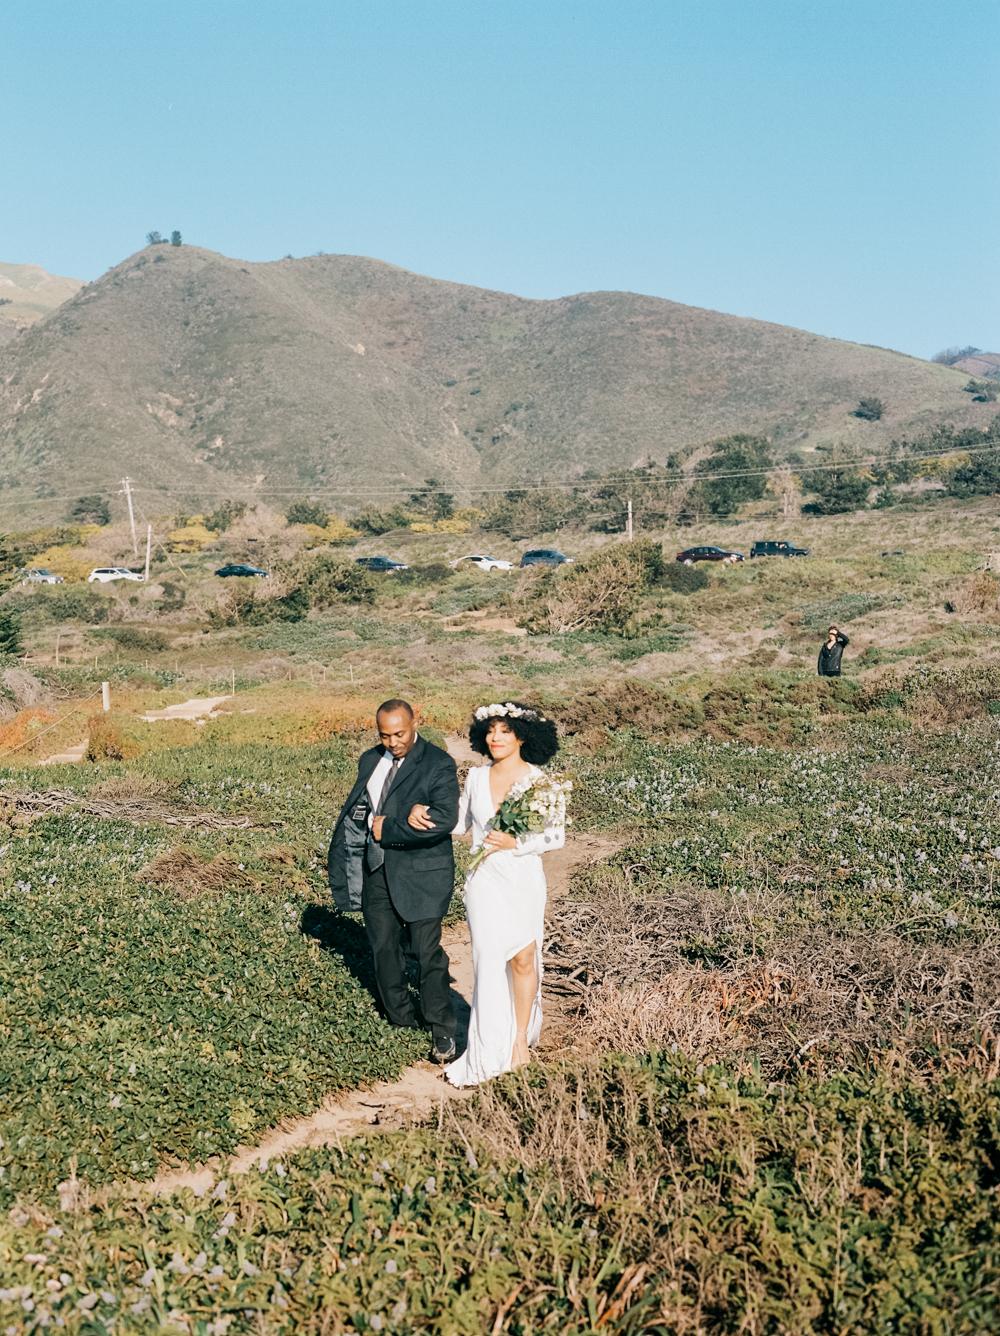 carmel by the sea wedding venues-12.jpg